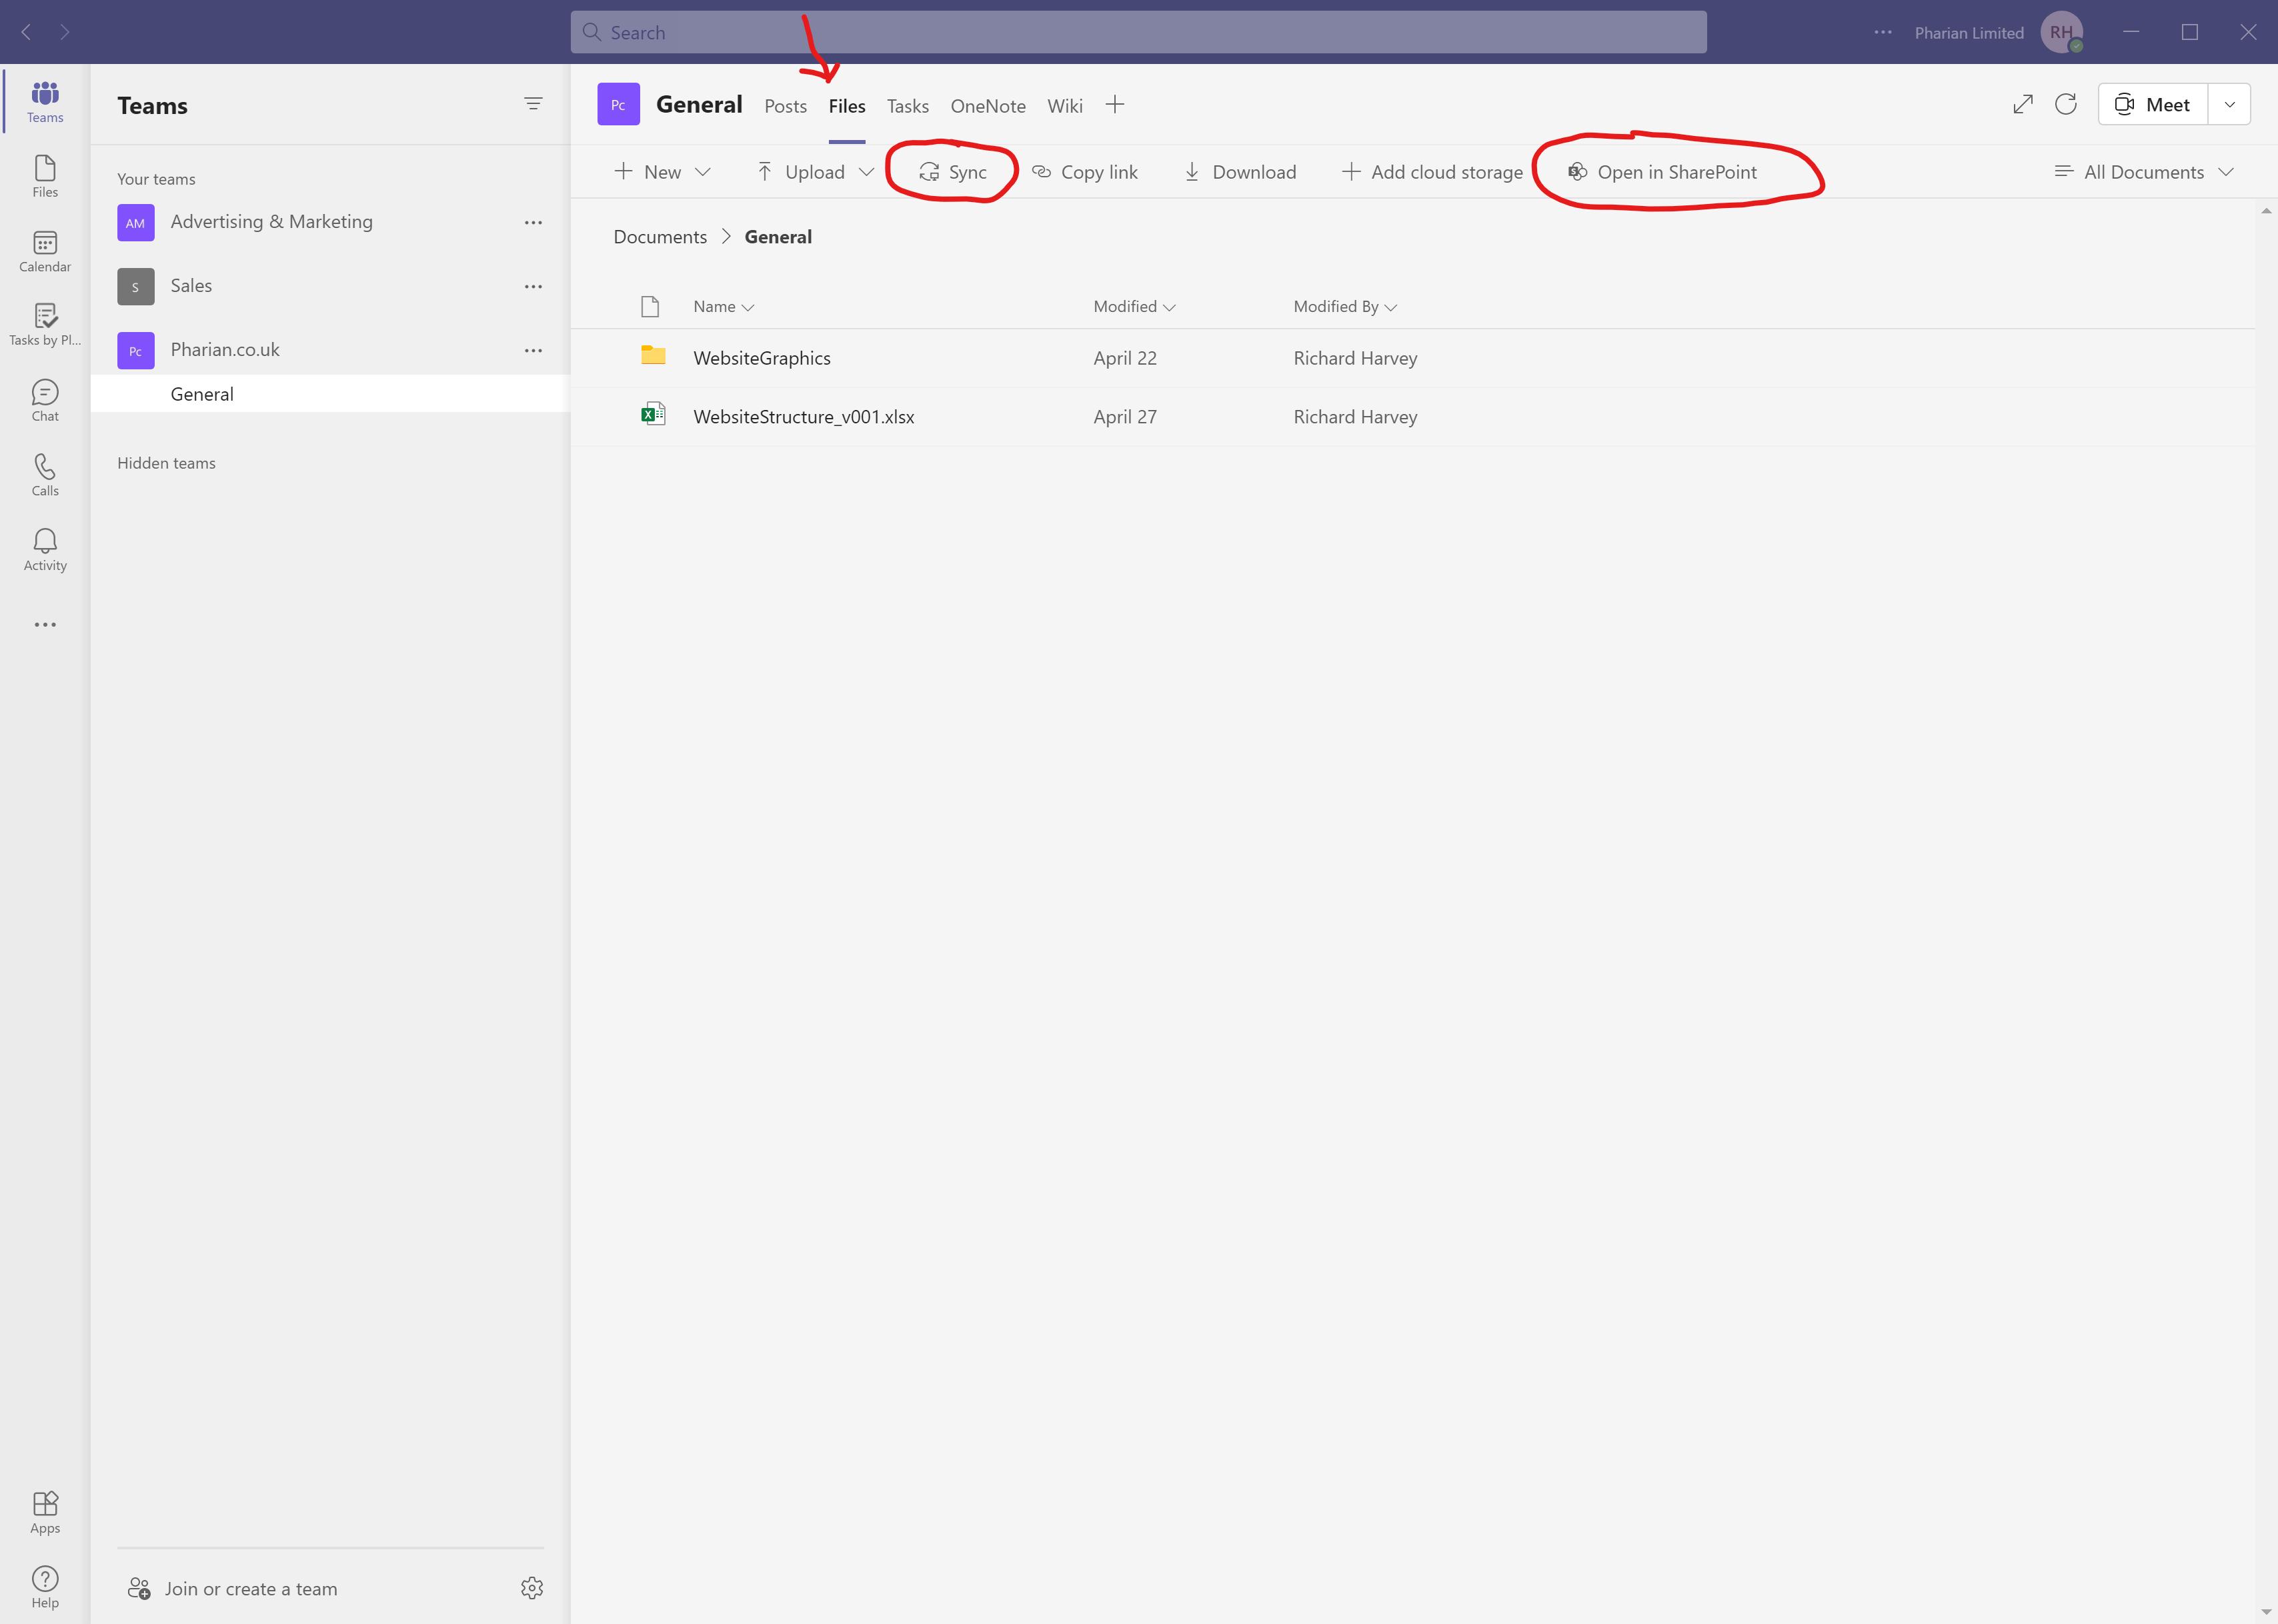 Image of Files Tab in Microsoft Teams